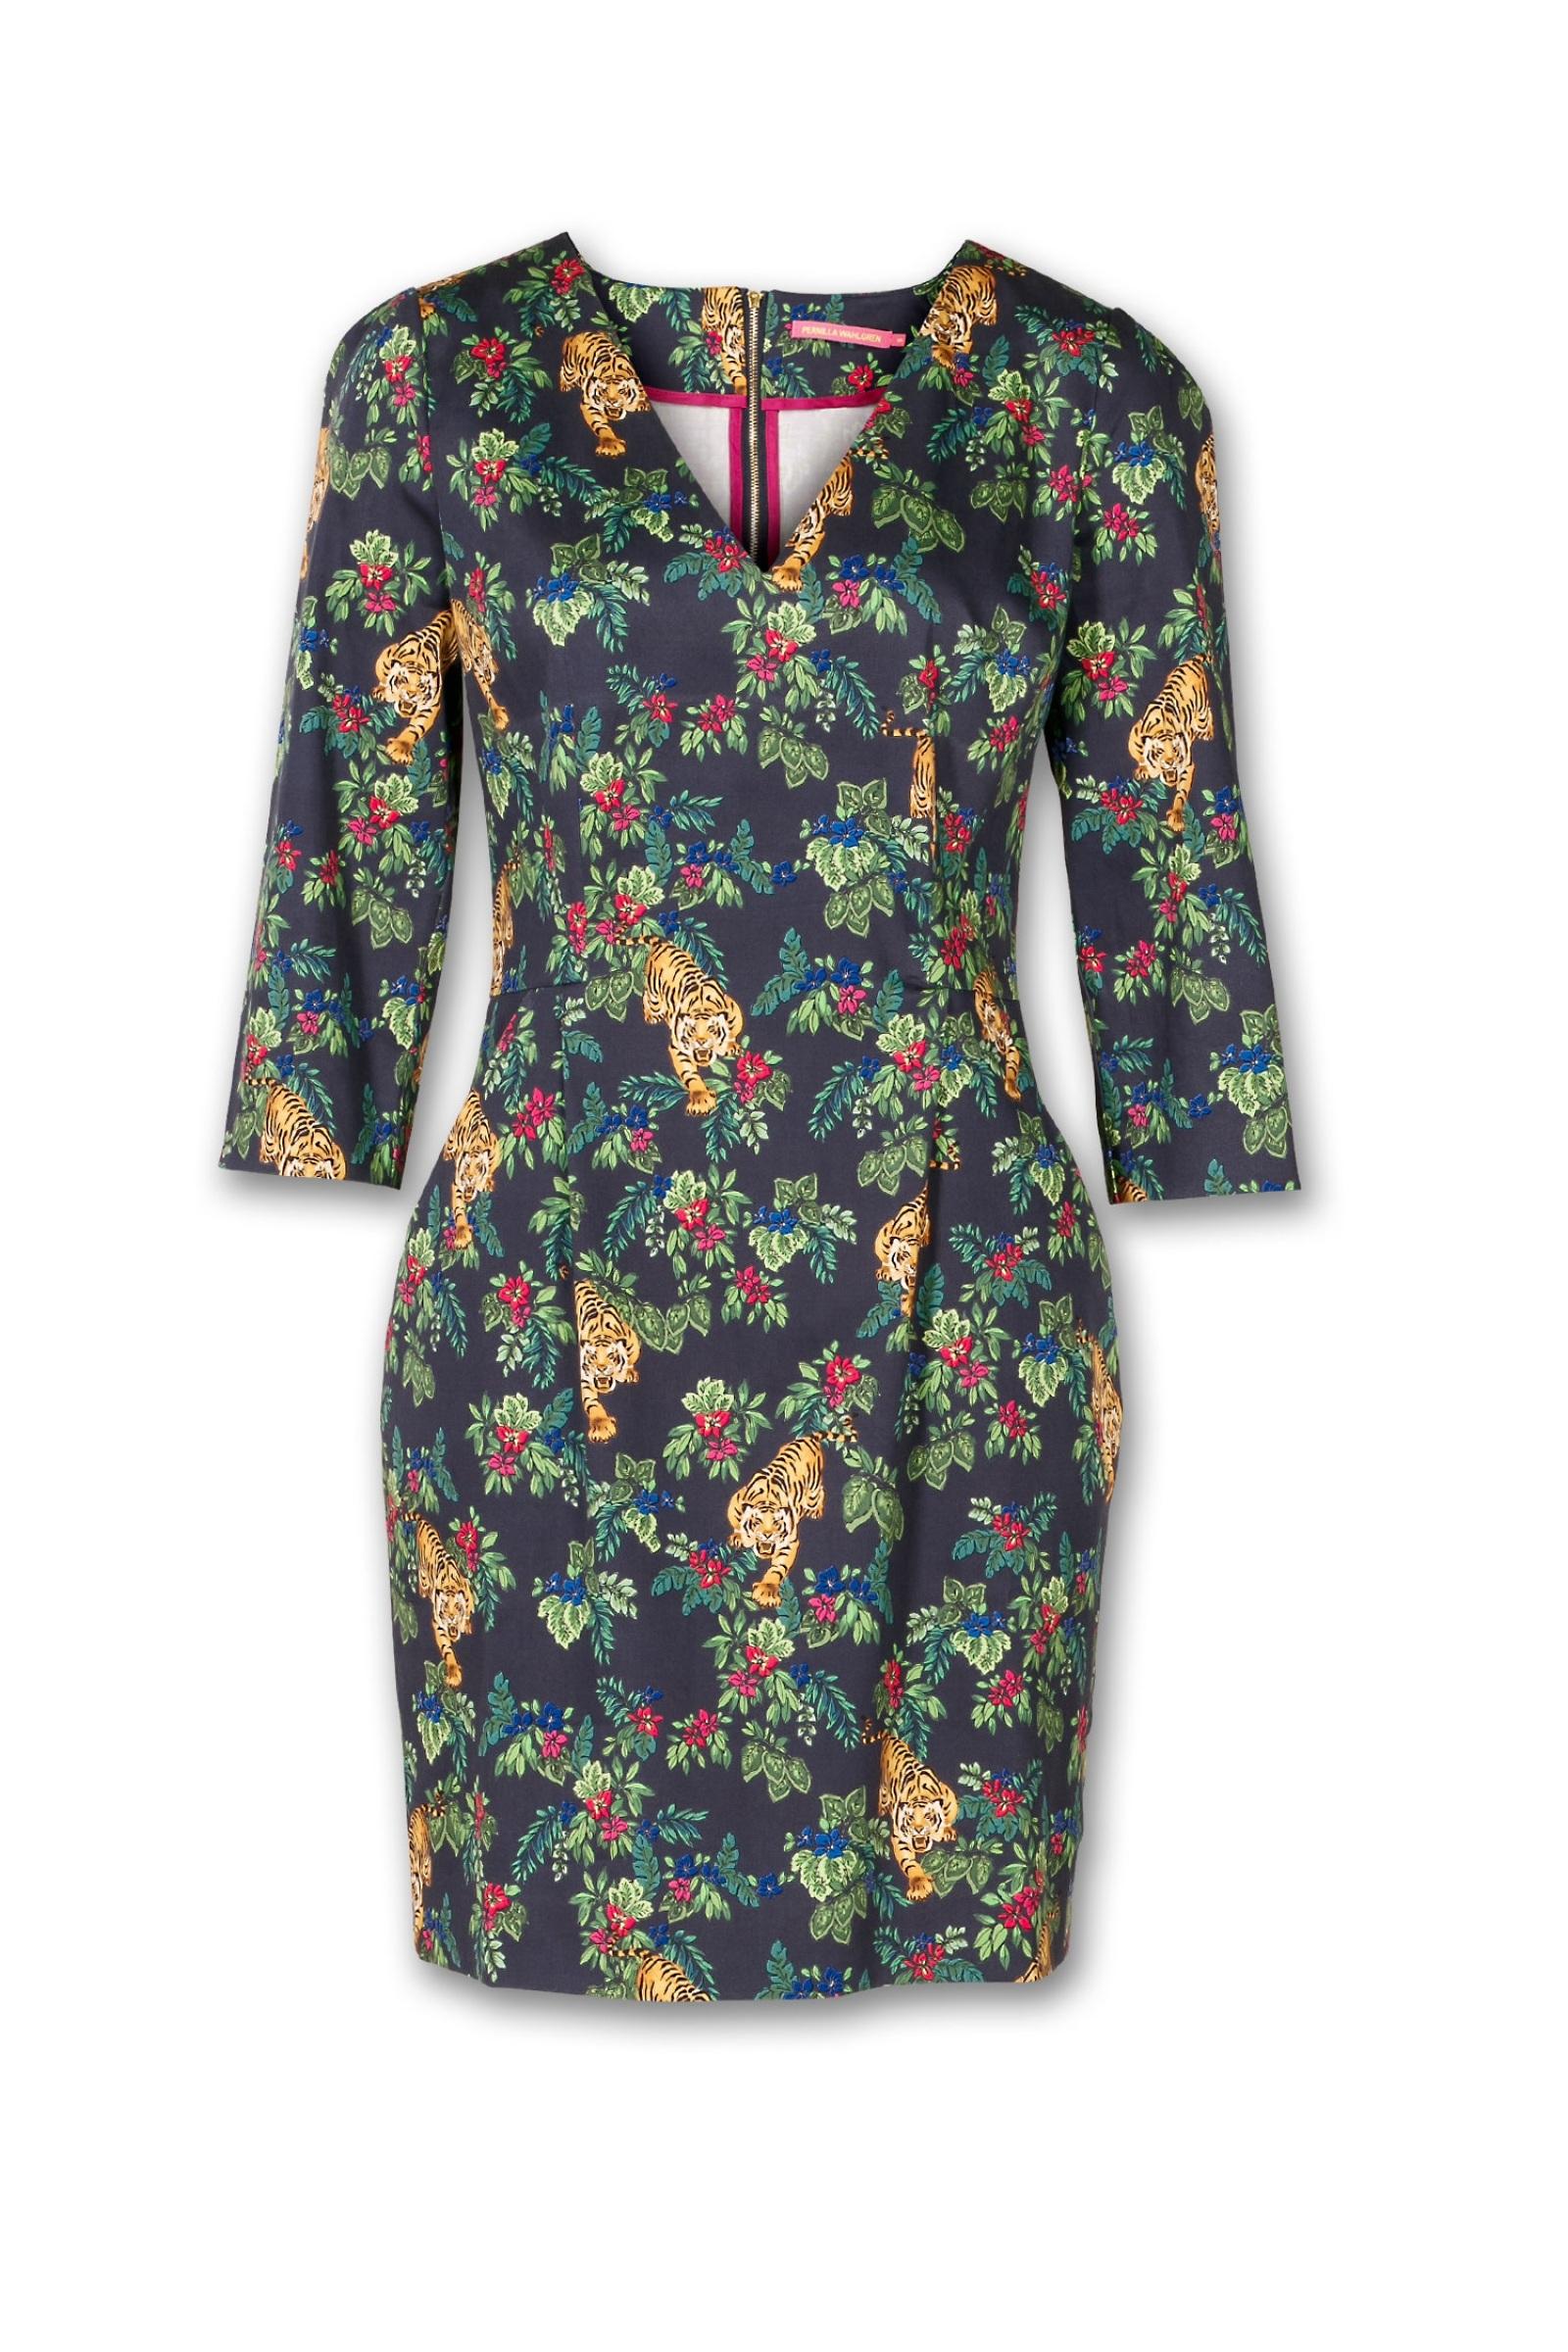 pernilla-wahlgren-emilia-pocket-dress